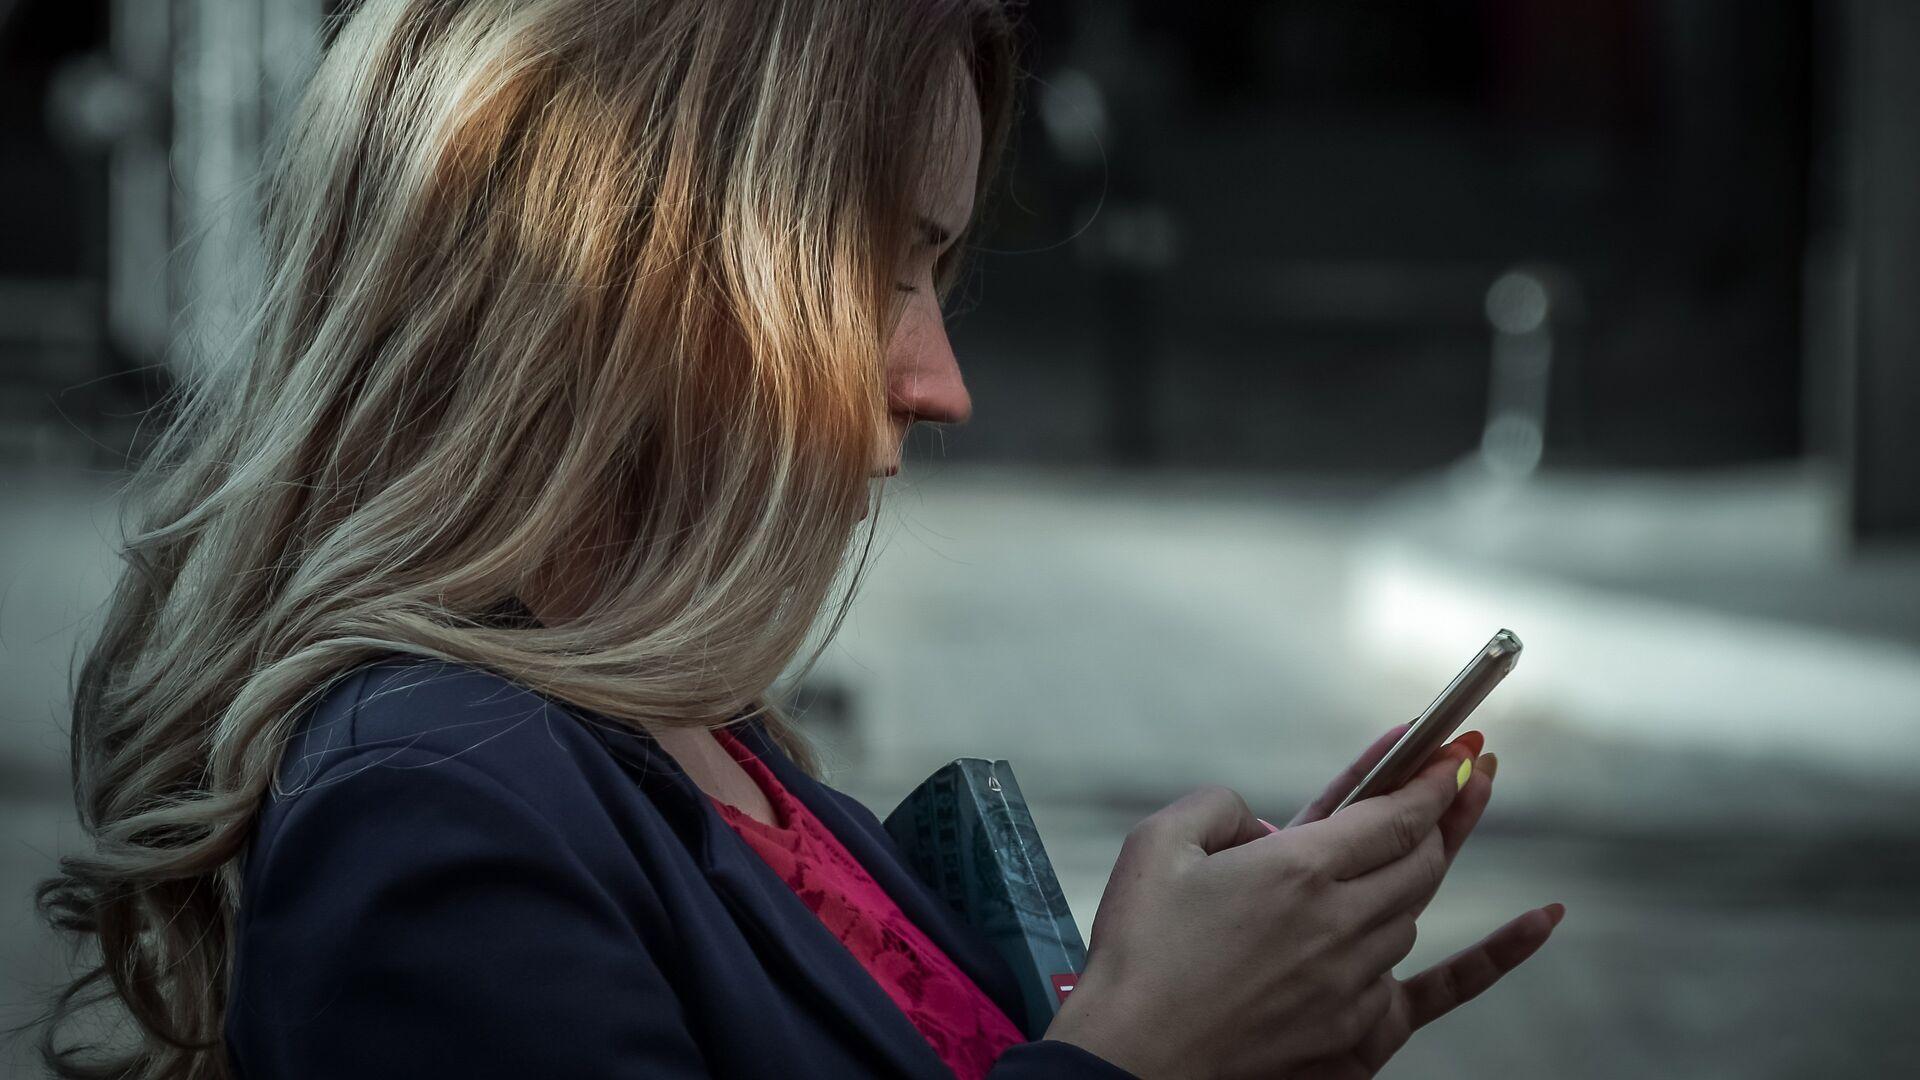 Девушка со смартфоном - РИА Новости, 1920, 04.04.2021